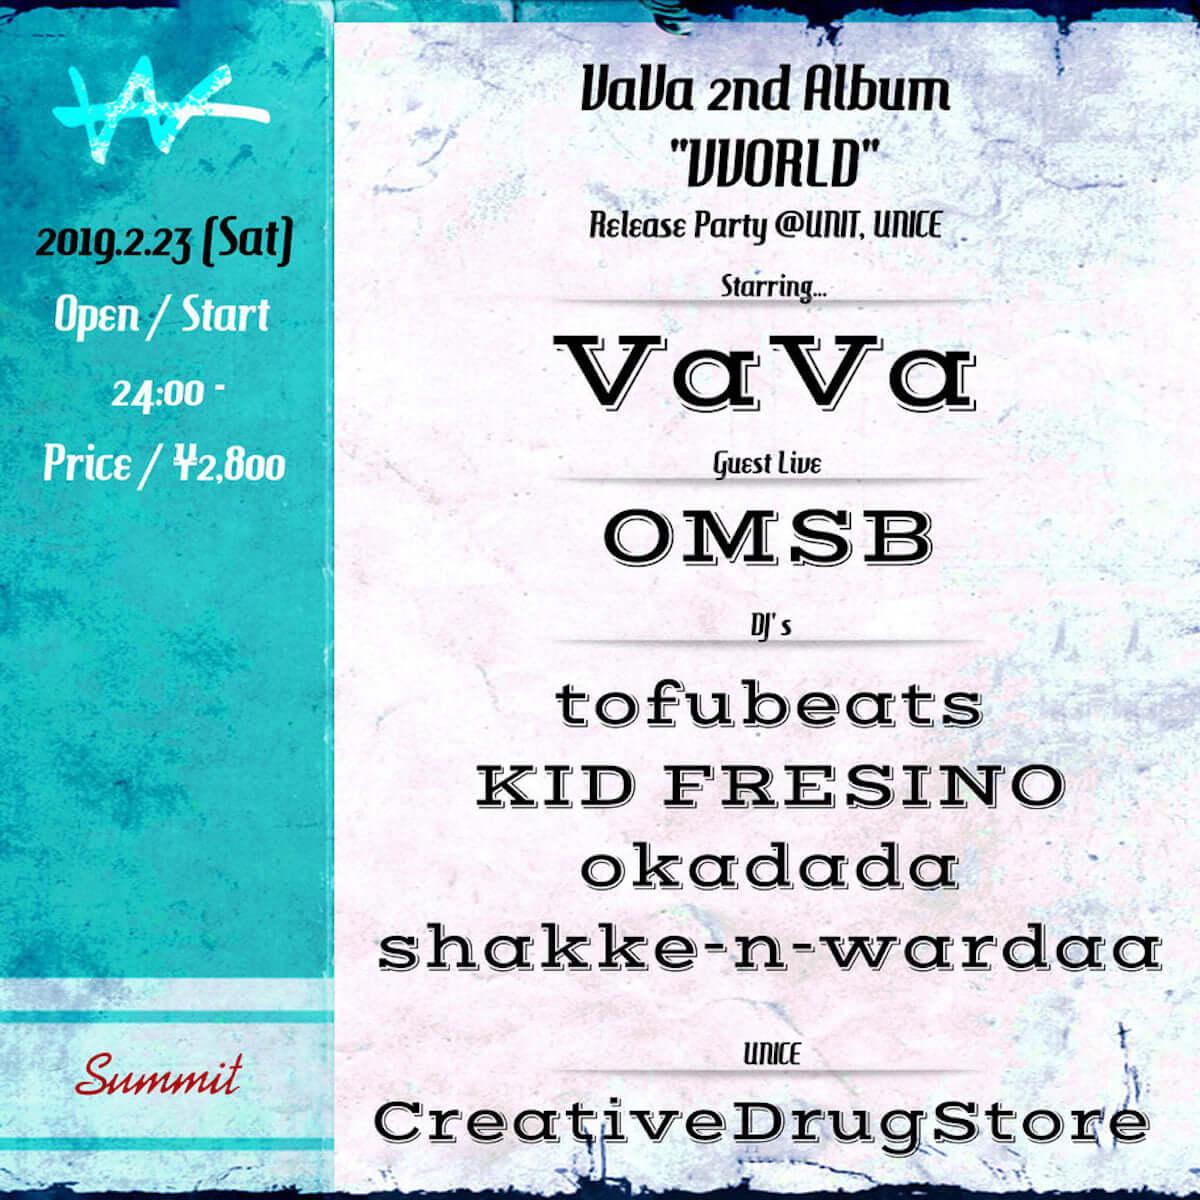 VaVa、2ndソロアルバム「VVORLD」が2月にリリース|リリパにはtofubeatsやOMSB、KID FRESINO、okadada、shakke-n-wardaaらが登場 music190219-vava-1-1200x1200